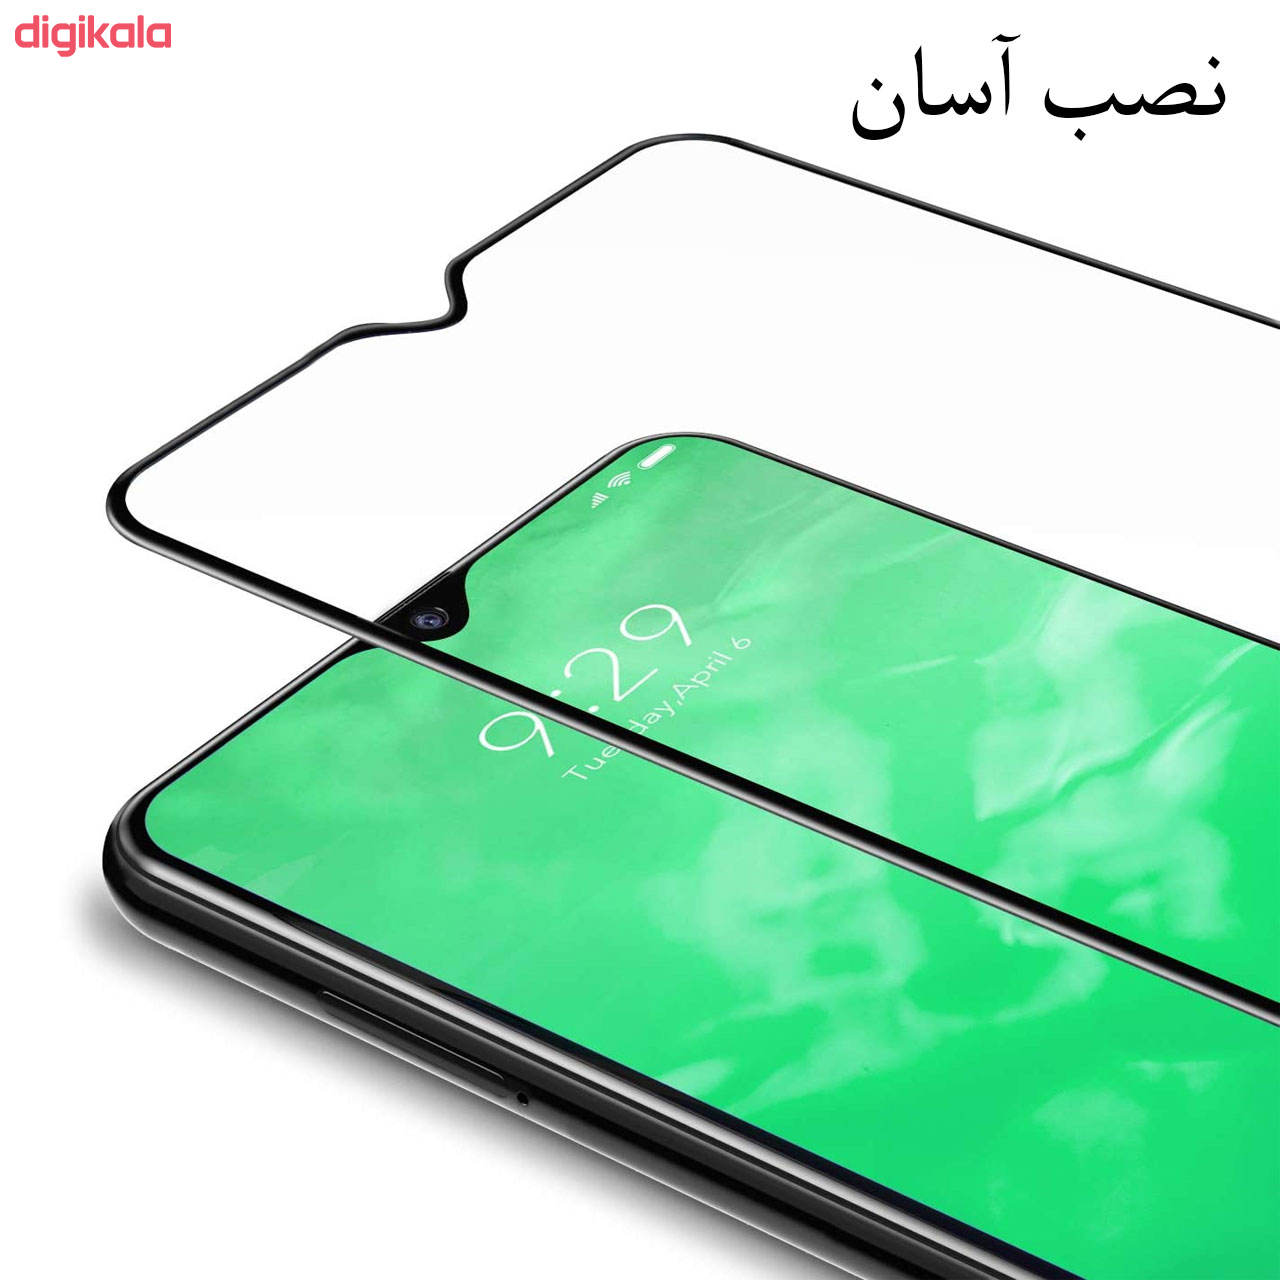 محافظ صفحه نمایش مدل FCG مناسب برای گوشی موبایل شیائومی Redmi Note 8 main 1 7